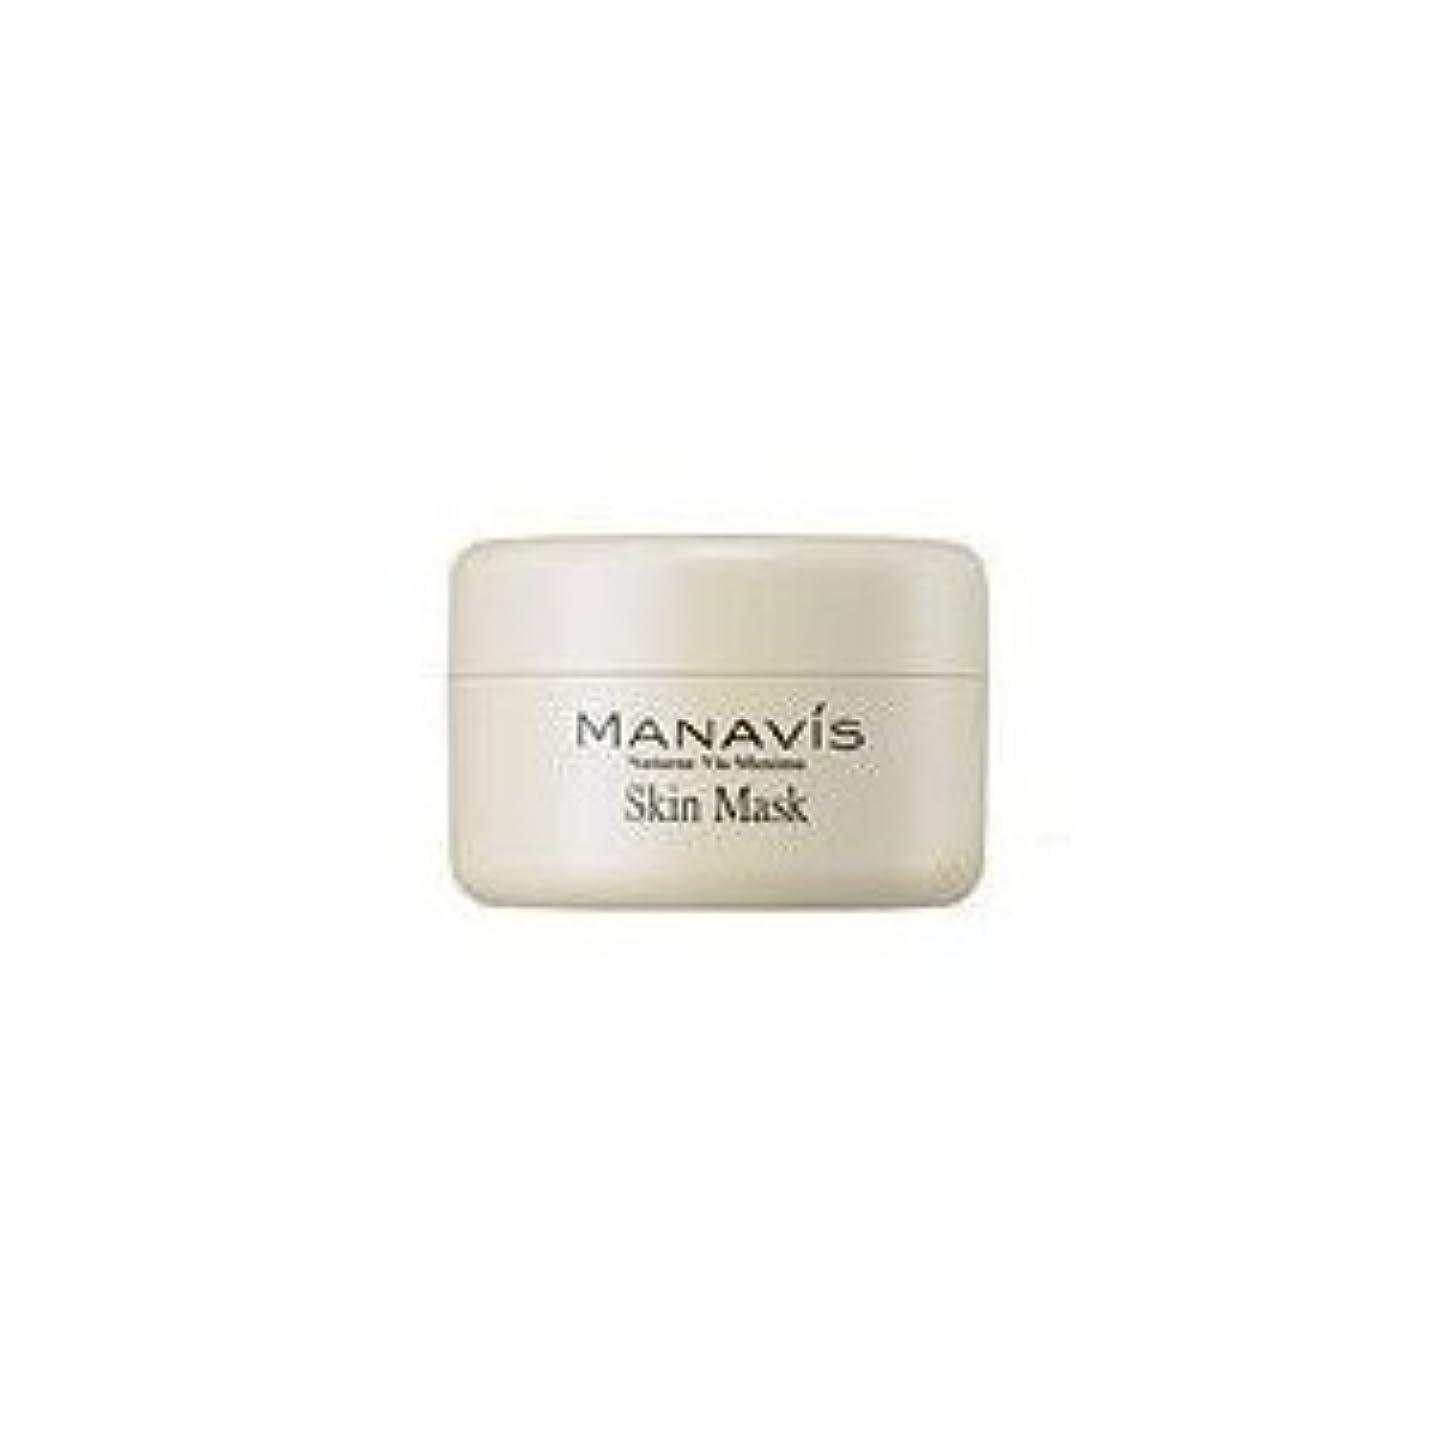 構成アーティファクト花MANAVIS マナビス化粧品 薬用スキンマスク